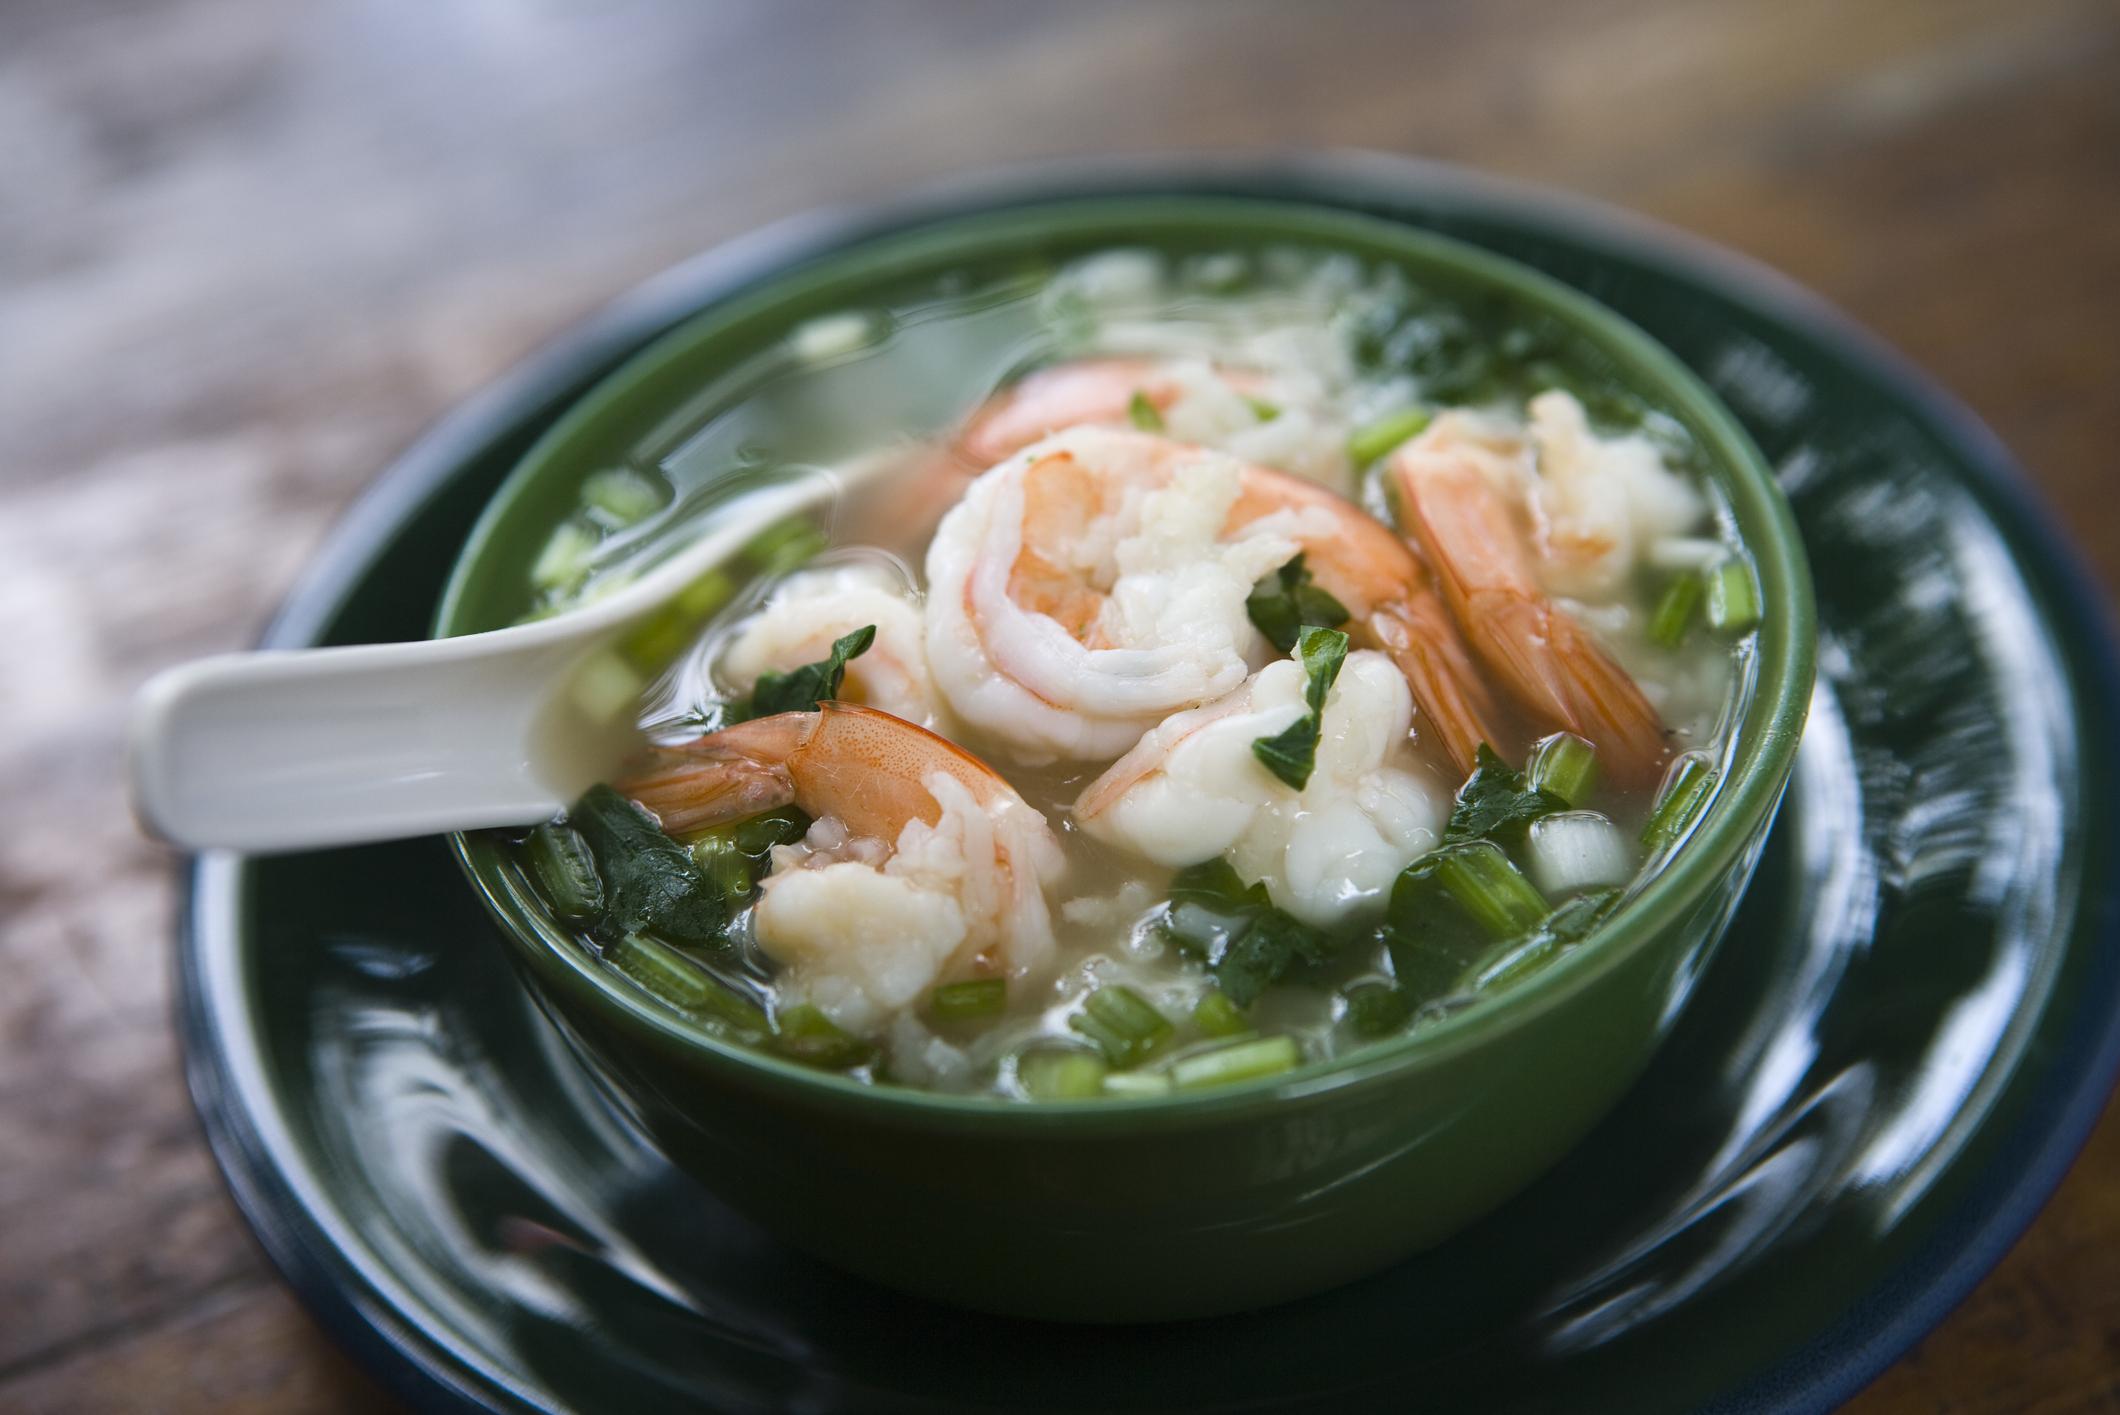 дисконт суп из креветок рецепт с фото очень настоящее время для